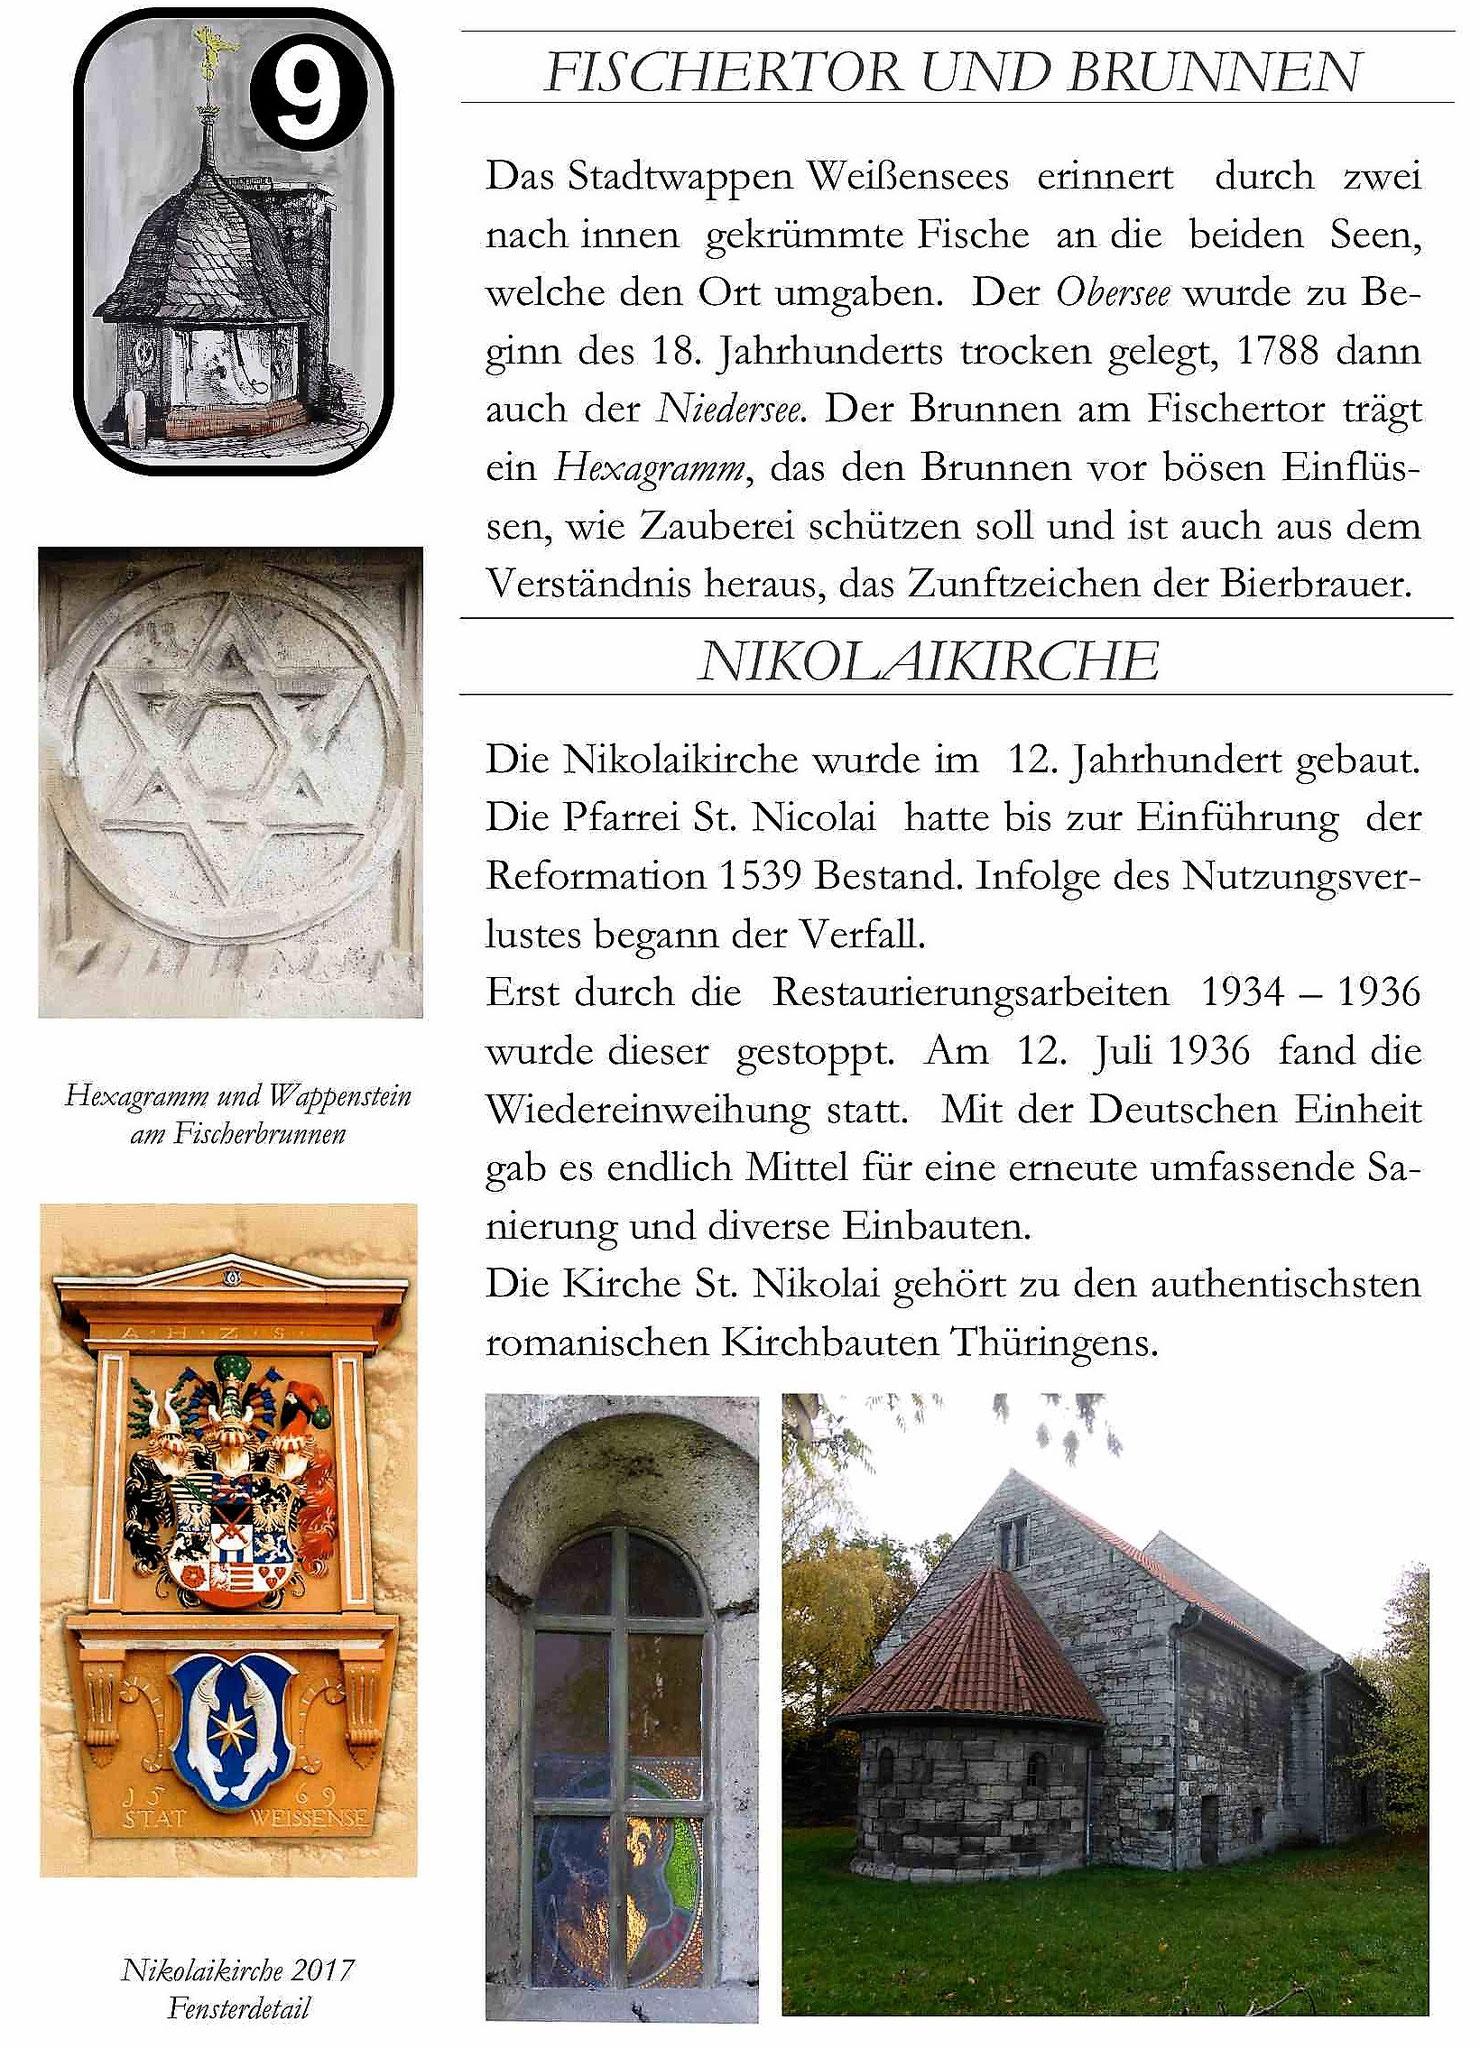 Nicolaikirche und Fischerbrunnen in Weißensee Text und Bilder